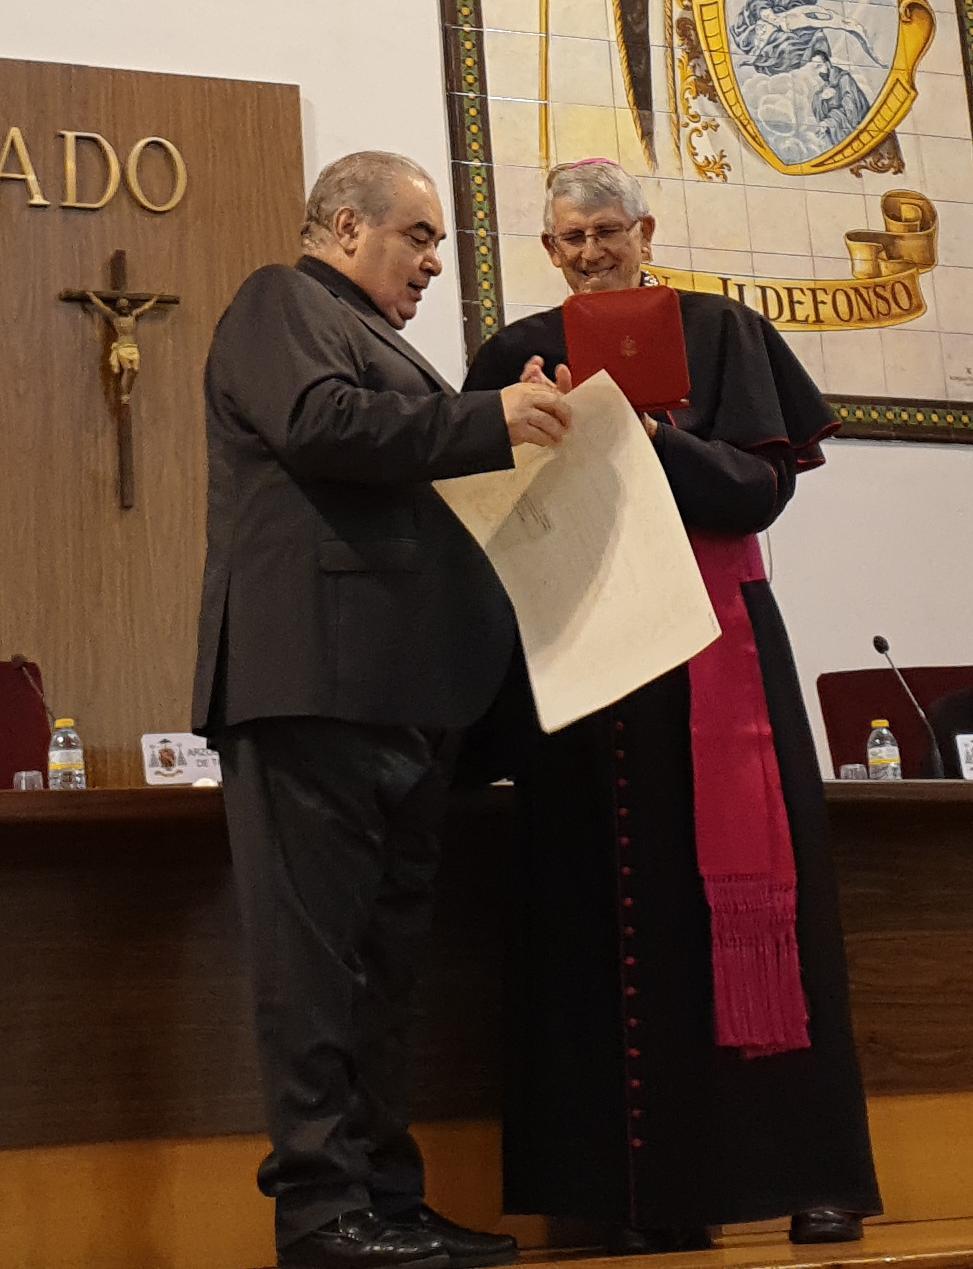 Entrega de la Cruz «pro Ecclesia et Pontifice» a D. Eugenio Isabel Molero